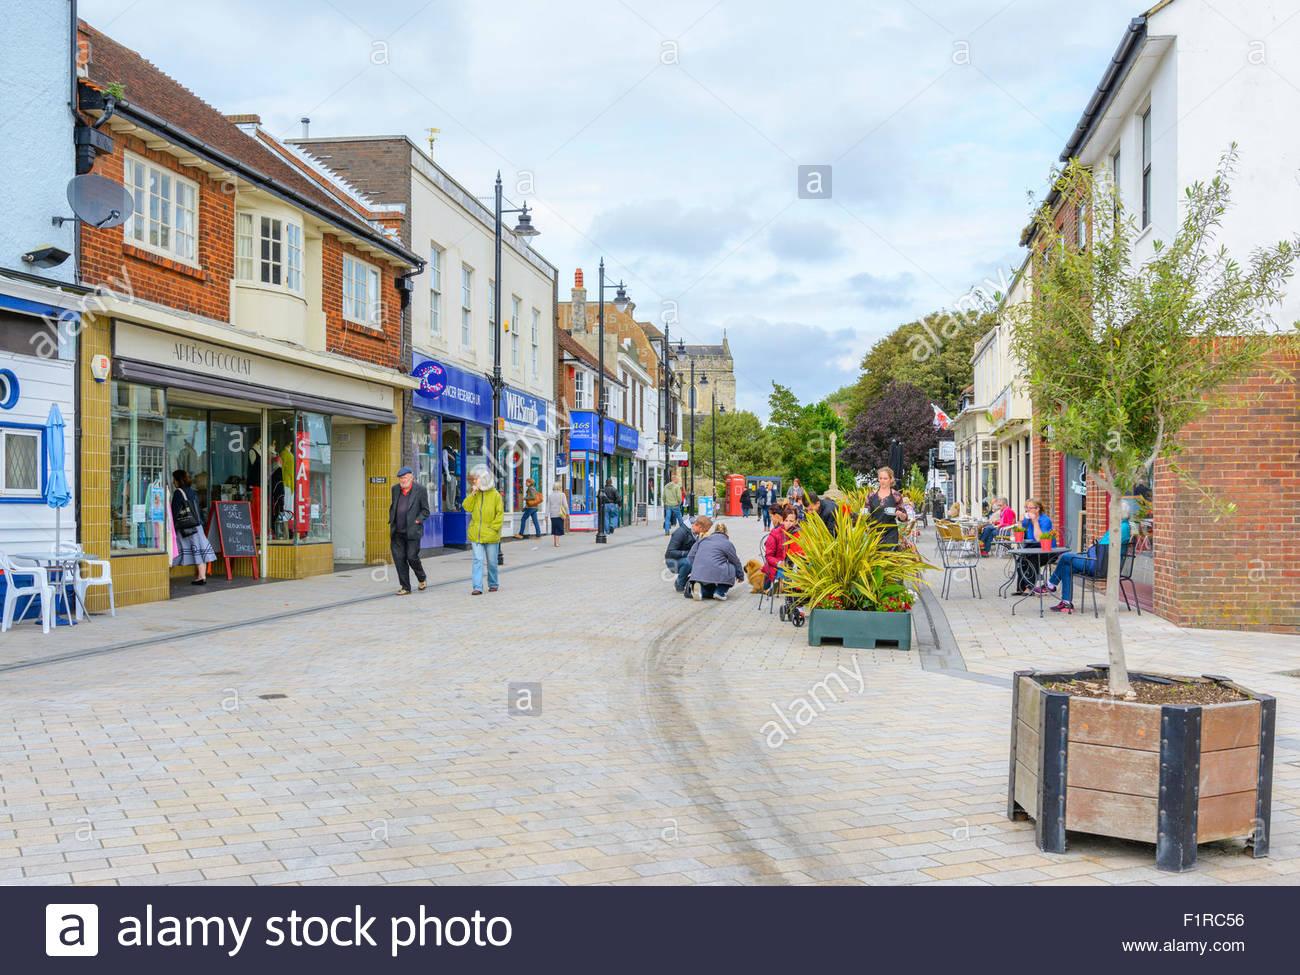 East Street, einer verkehrsberuhigten Straße mit Cafés und Geschäften in Shoreham-by-Sea, West Sussex, Stockbild